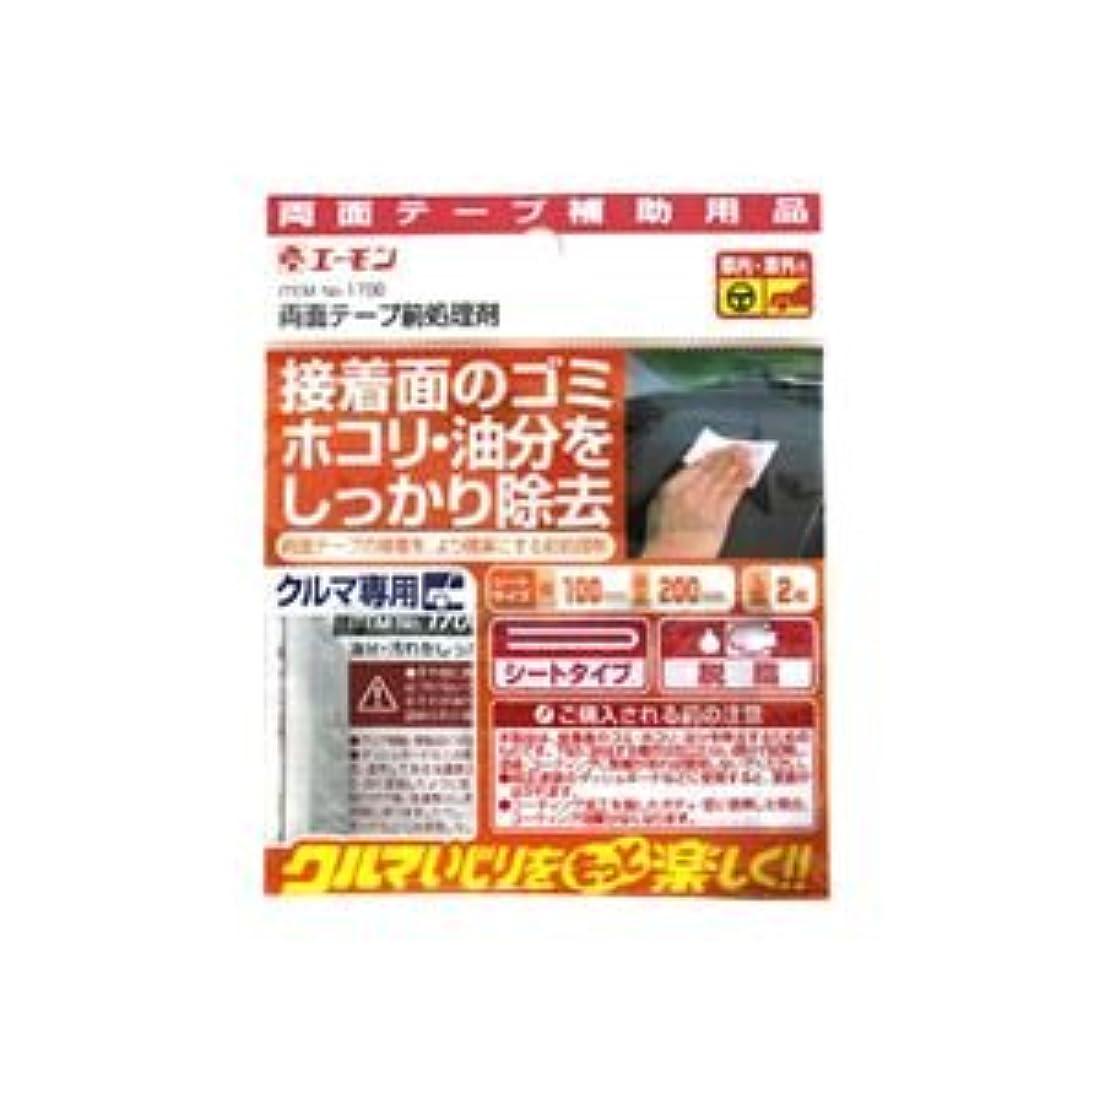 天窓有害な狐(まとめ) 両面テープ前処理剤 1700 【×15セット】